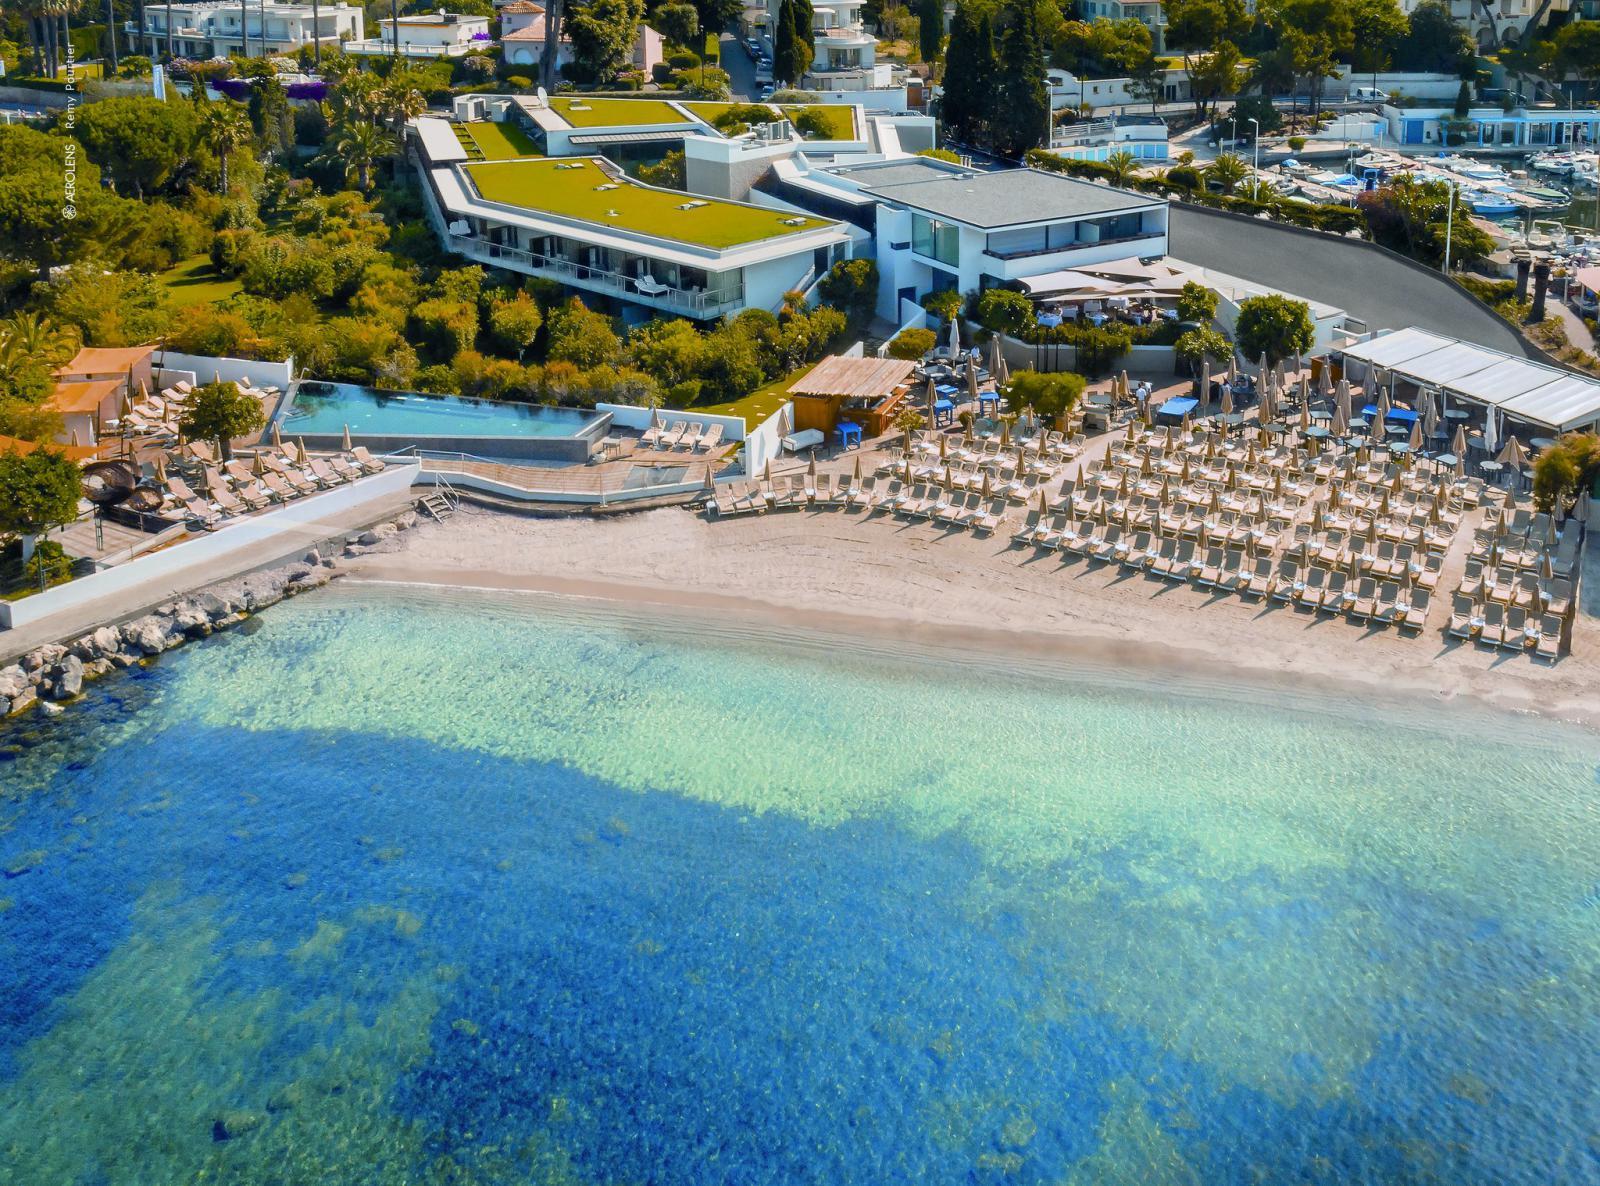 cap d 39 antibes beach hotel plage les p cheurs plage priv e antibes juan les pins 06160 cap d. Black Bedroom Furniture Sets. Home Design Ideas